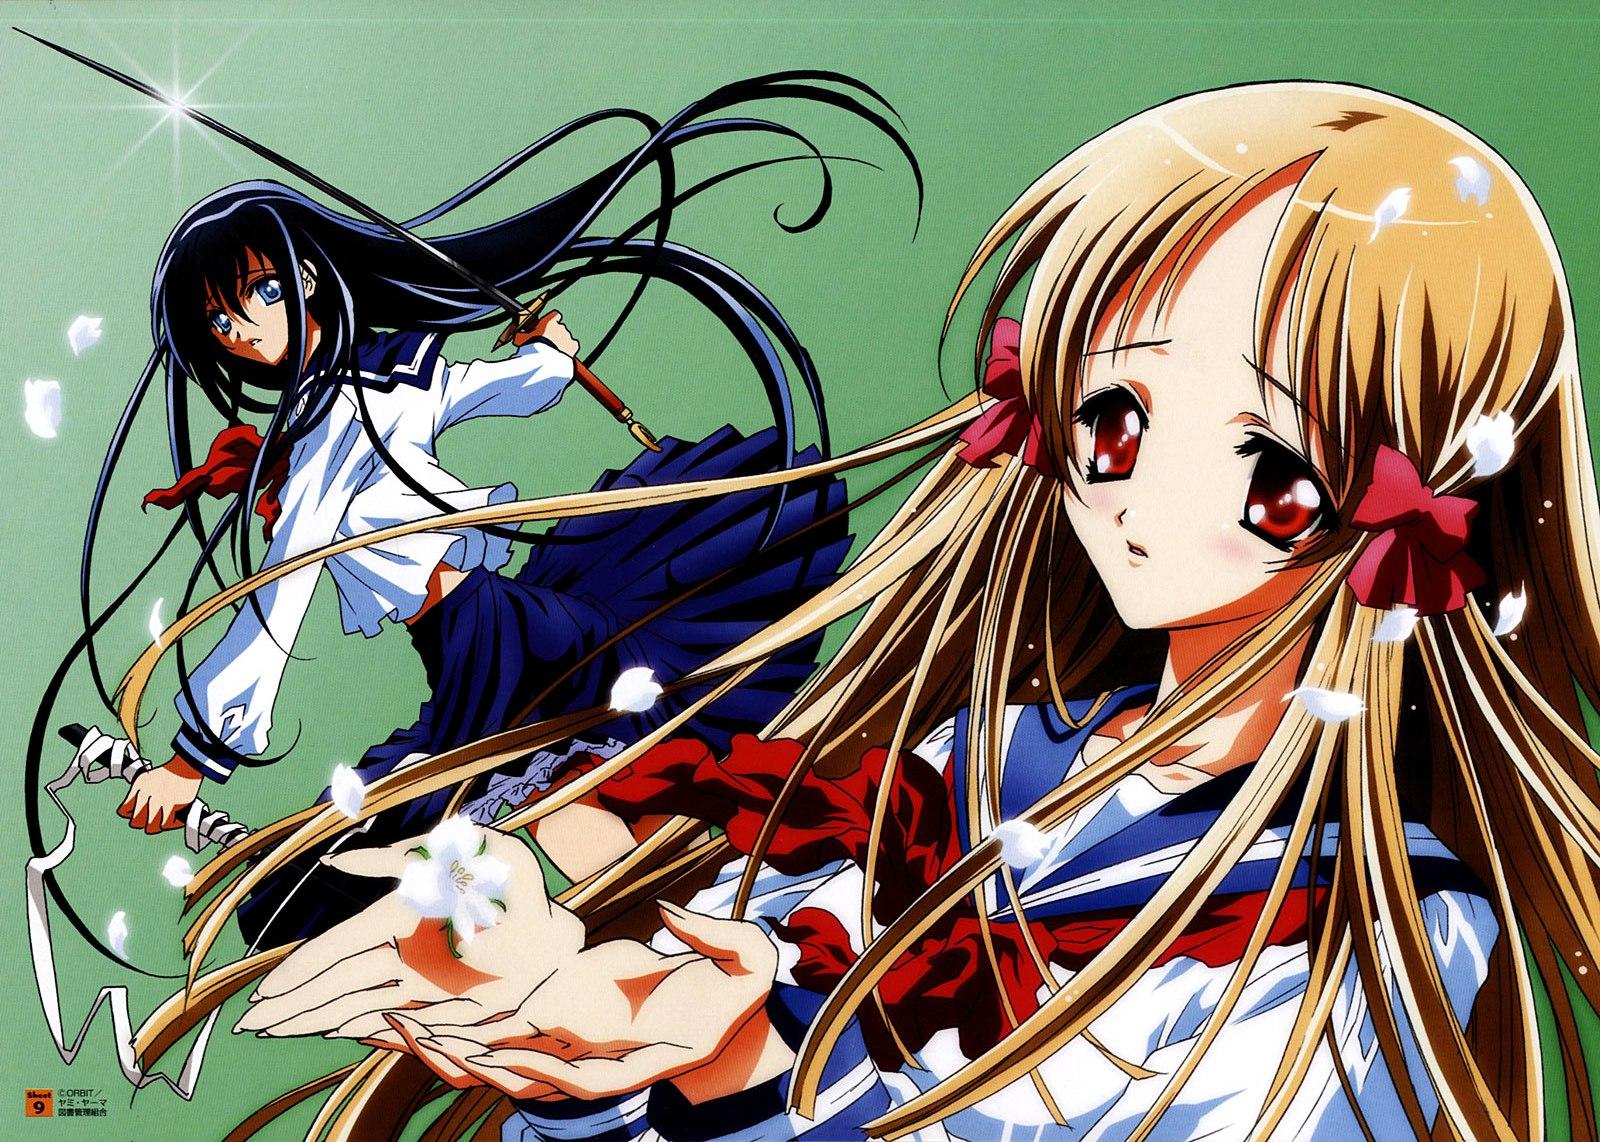 azuma_hatsumi azuma_hazuki school_uniform sword weapon yami_to_boushi_to_hon_no_tabibito